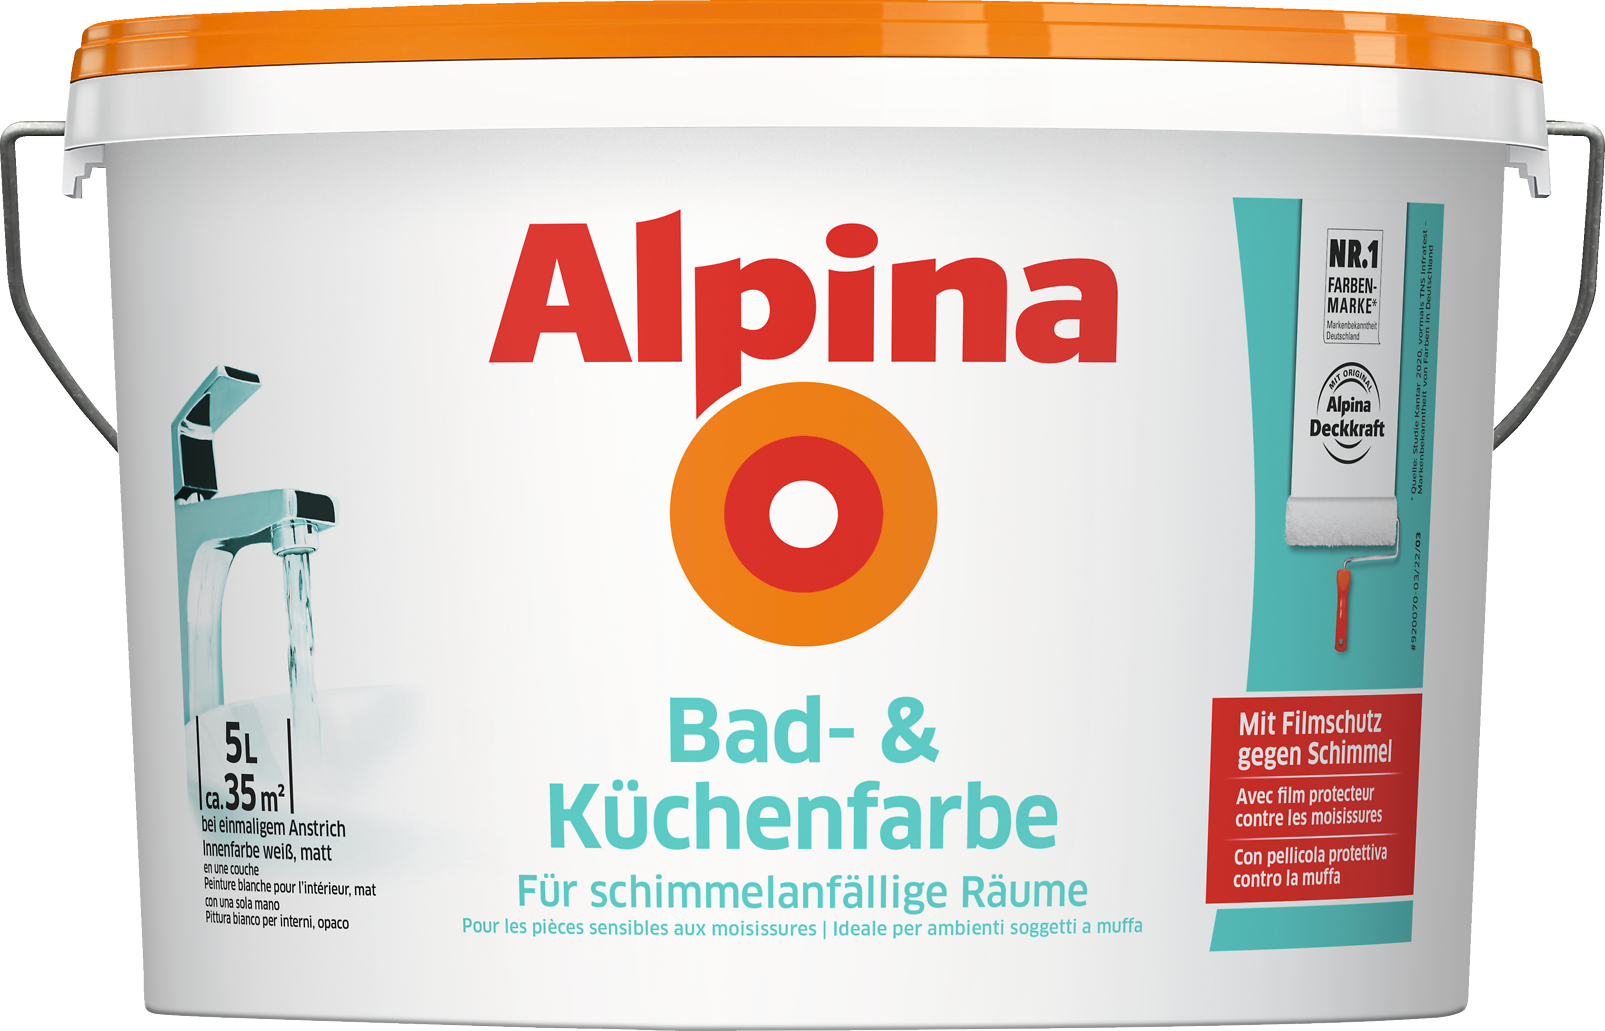 Fabulous Bad- und Küchenfarbe, mit Filmschutz gegen Schimmel - Alpina Farben AB09